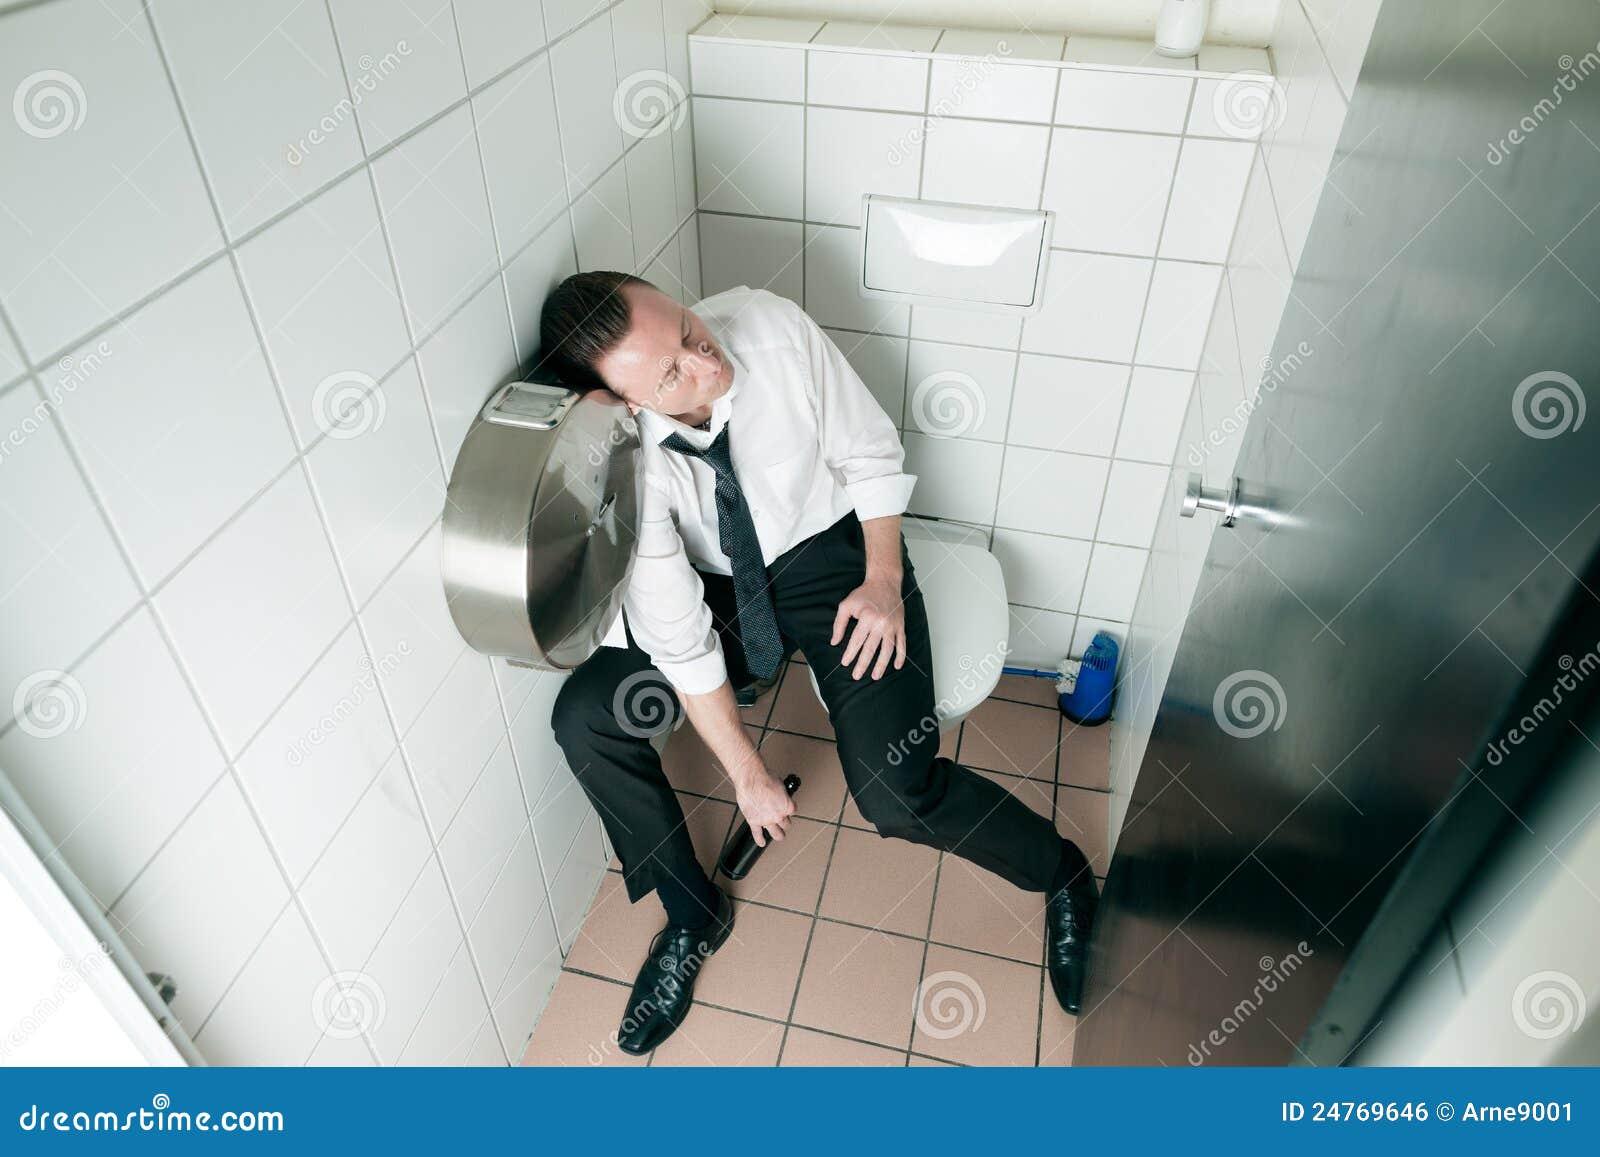 Пьяный голый офис онлайн, Порно с пьяными онлайн, секс по пьяни на 24 видео 26 фотография